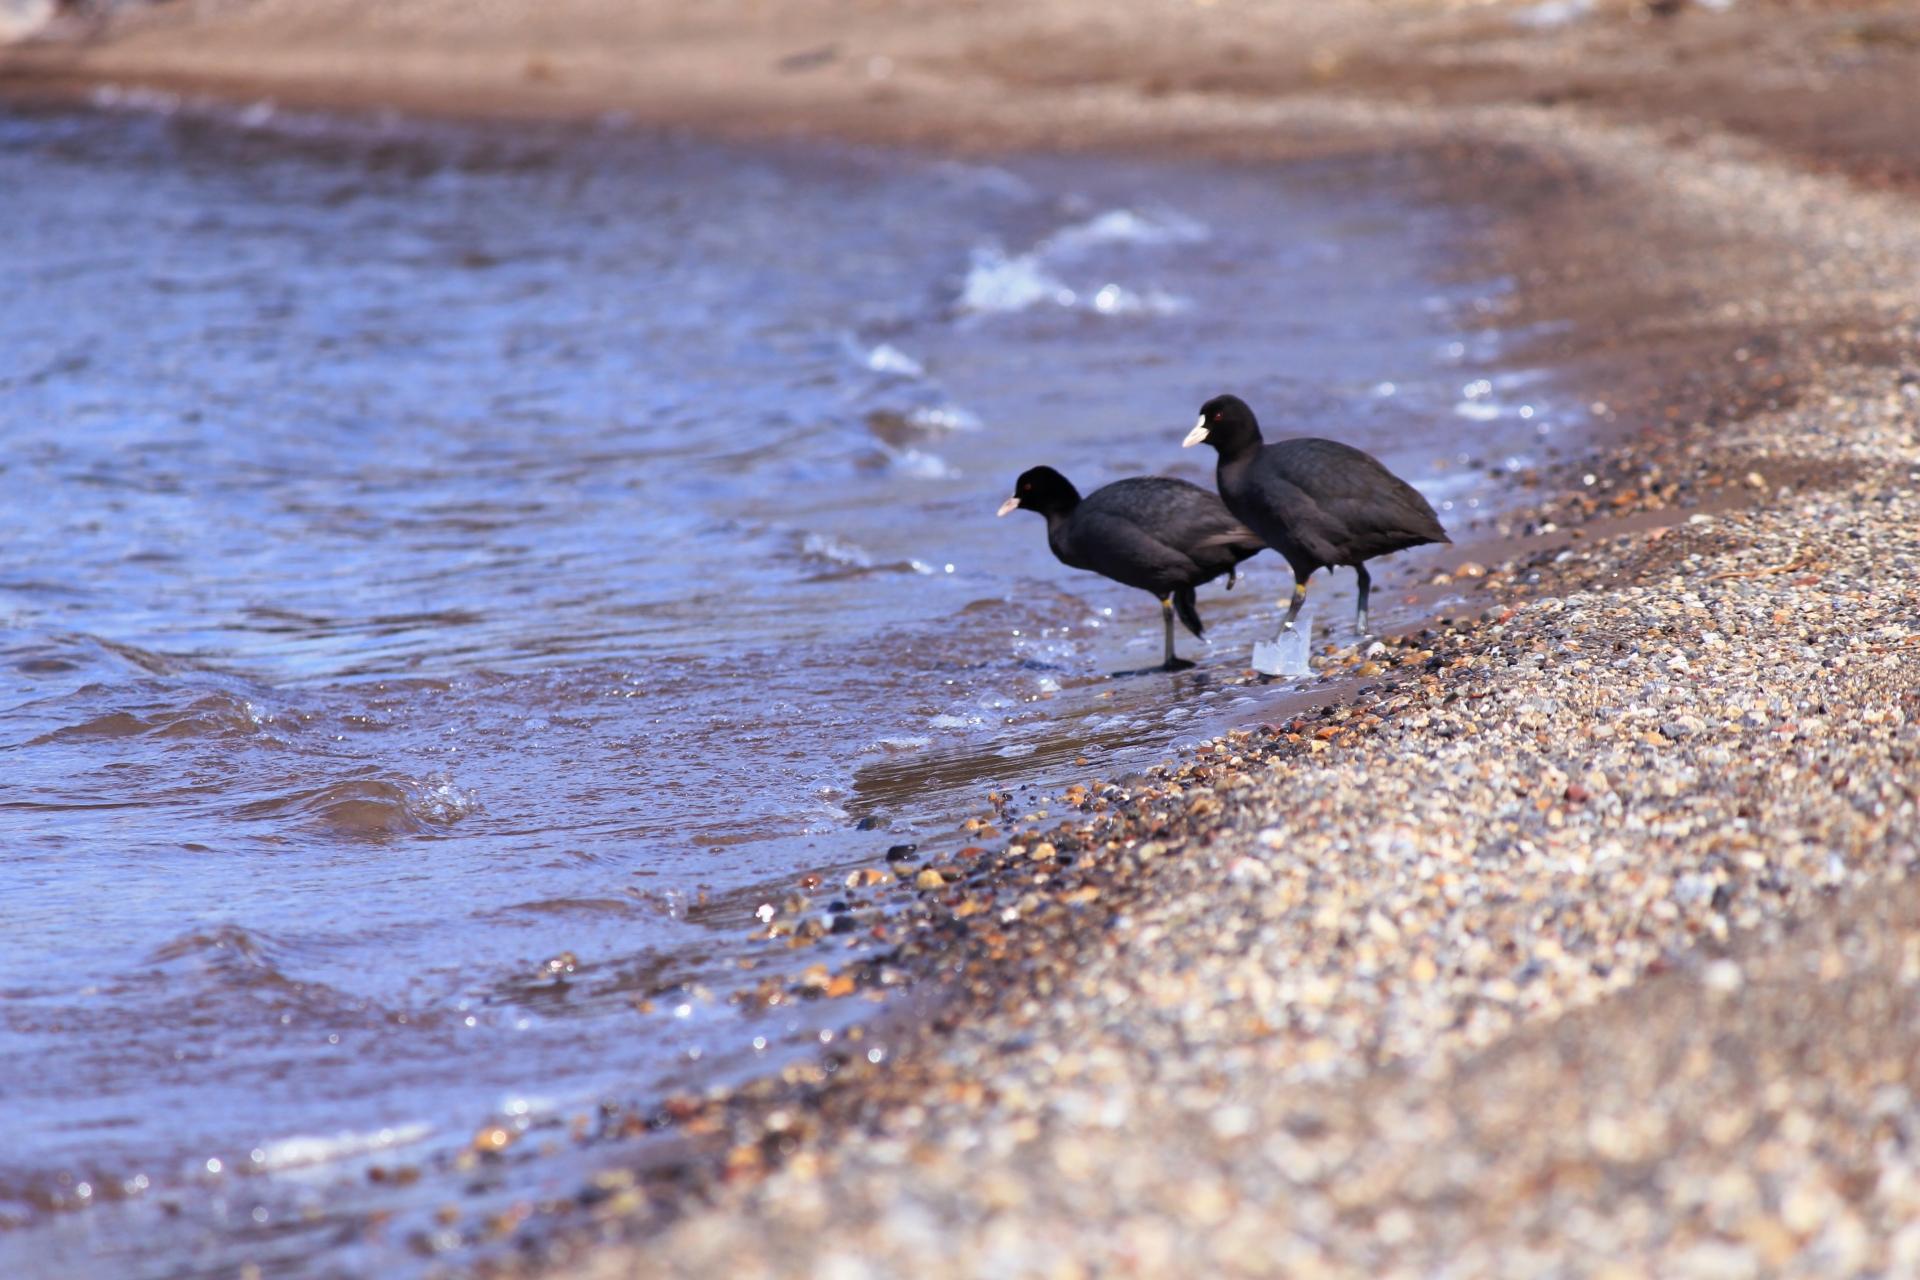 琵琶湖のヌシ?!水鳥「オオバン」